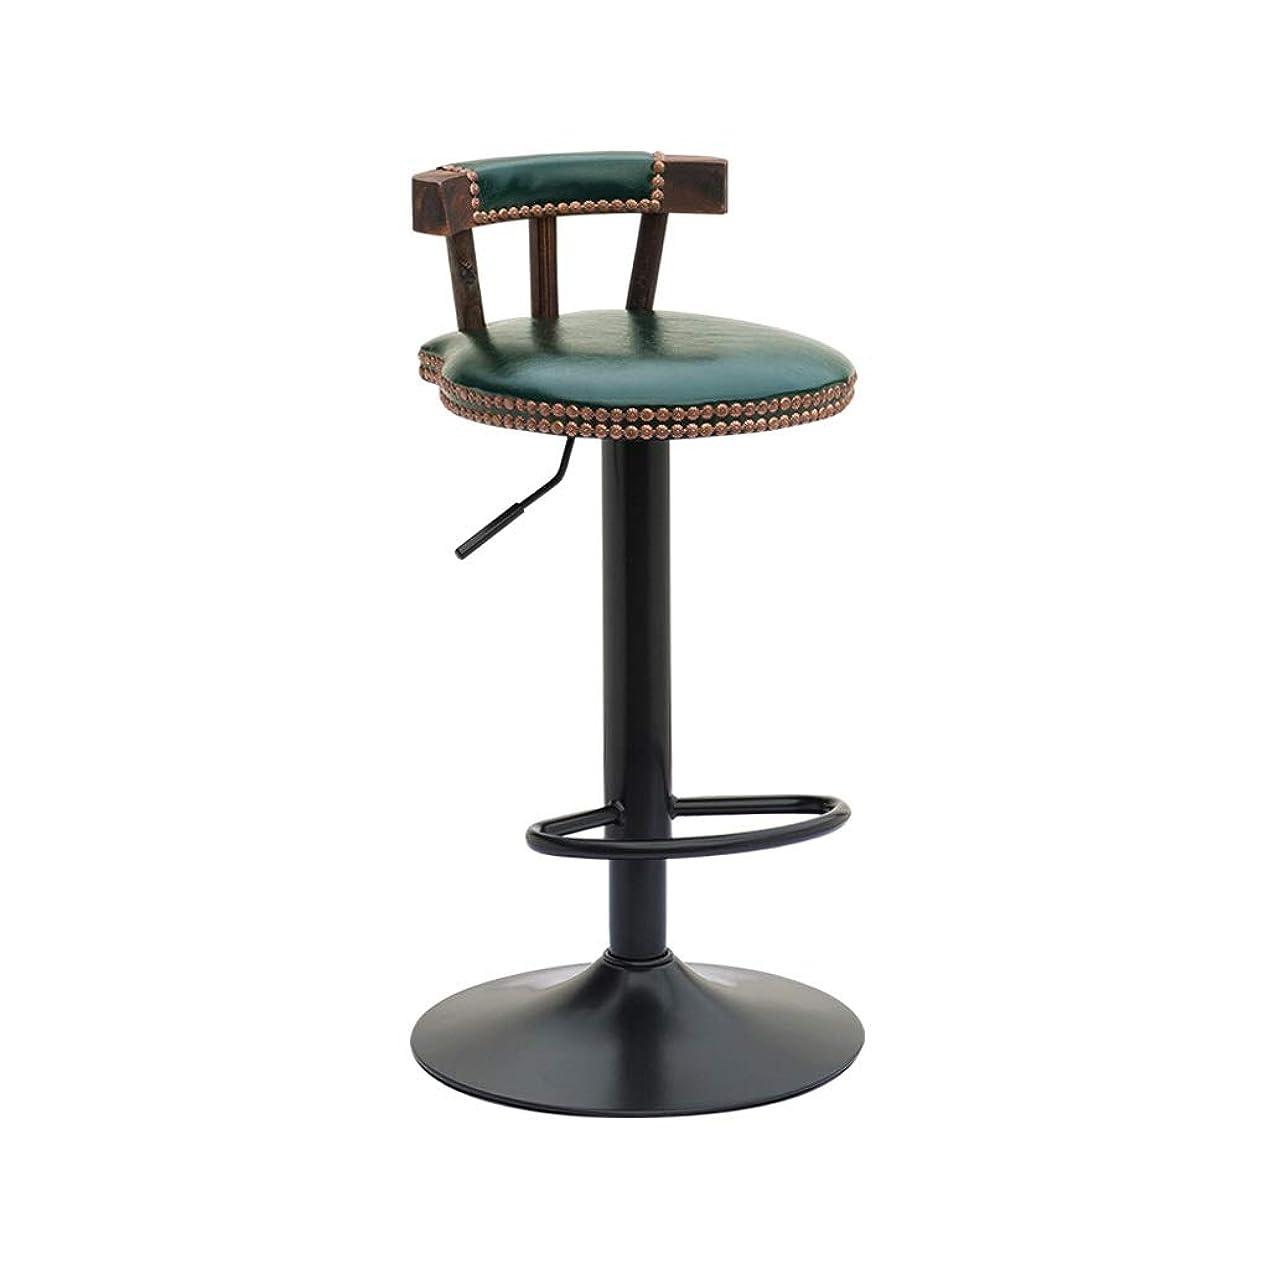 忌まわしいキラウエア山安価なJYX バースツール、ソリッドウッド製シートバックレストハイスツールリフト回転家庭用朝食ダイニングチェアレジャーカウンターチェア受付椅子